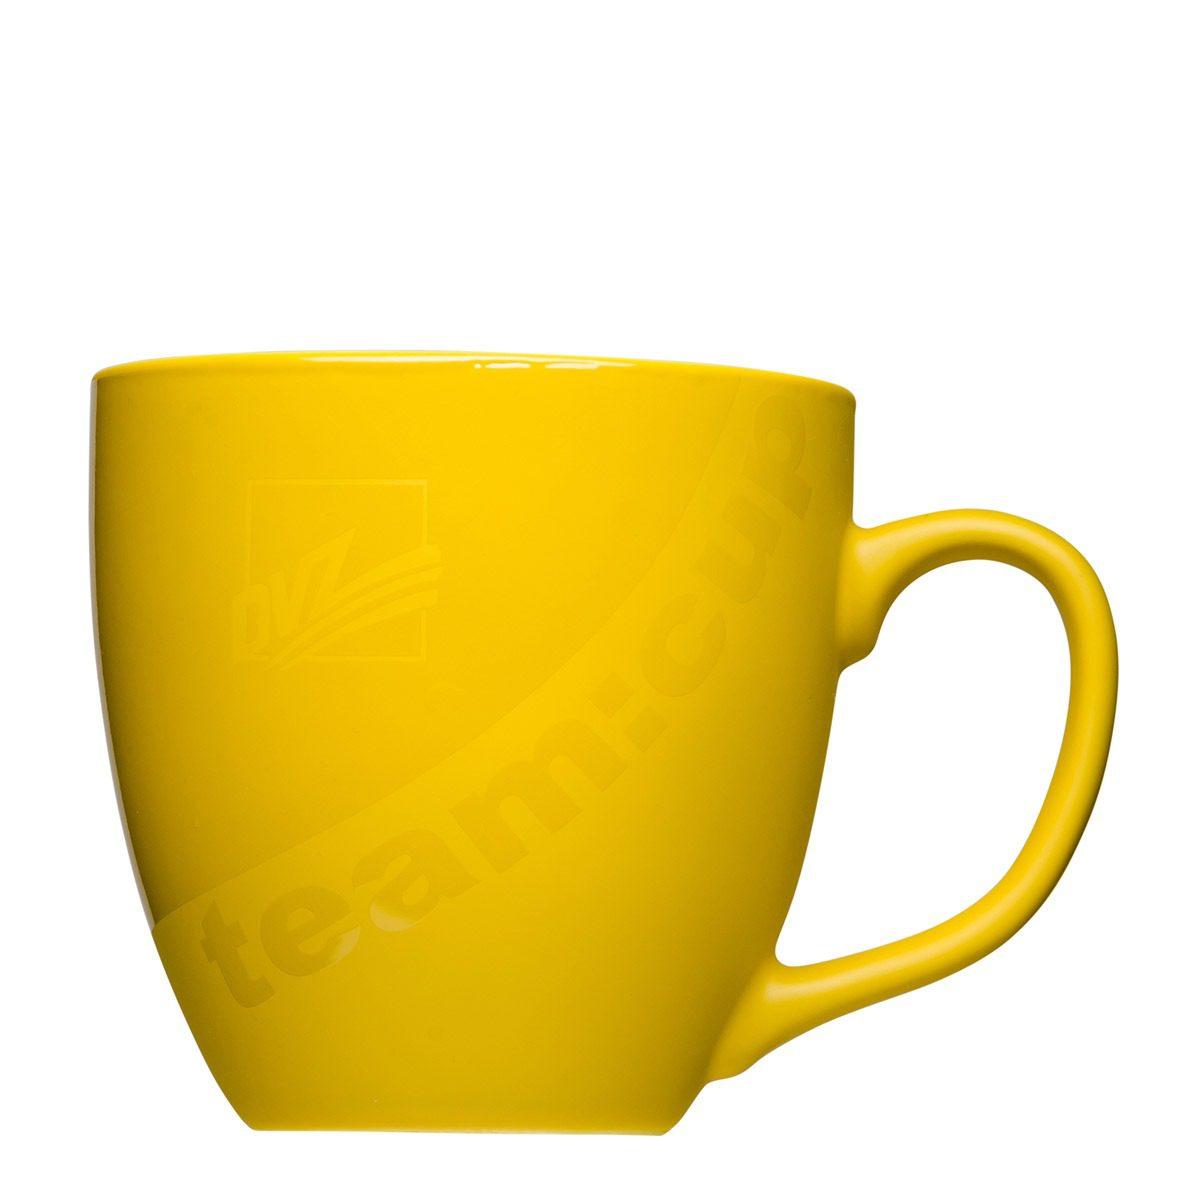 Matt and Glossy coffee cup with light effect Gloss Matt - Mahlwerck porcelain